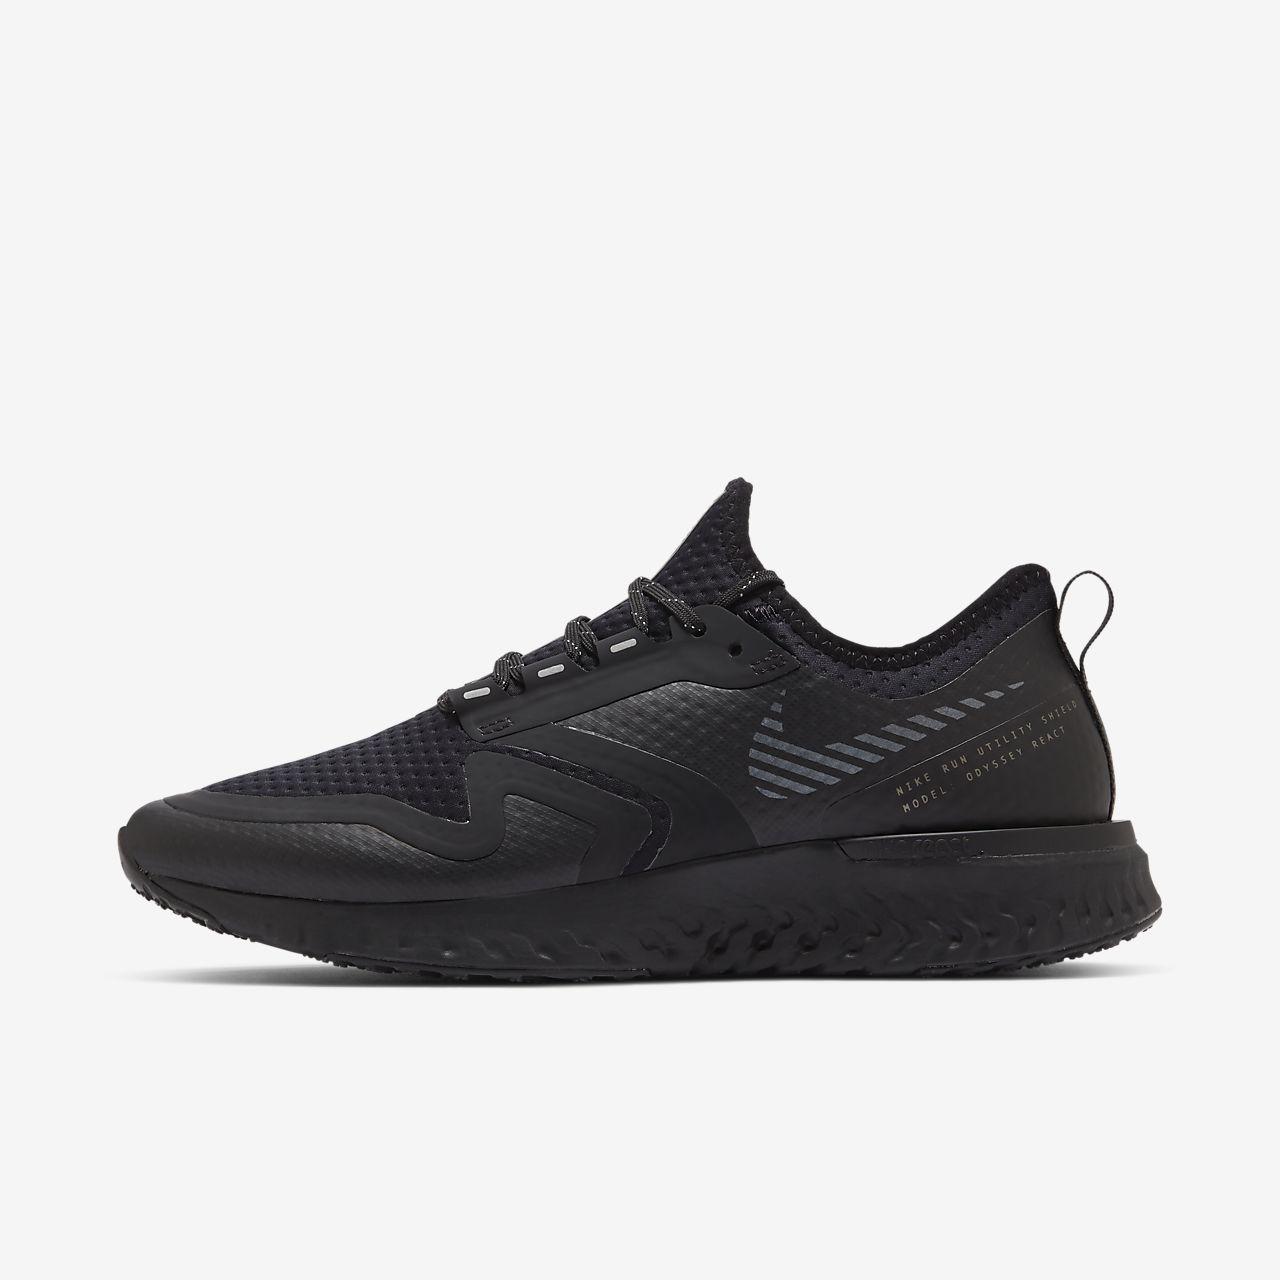 szczegółowy wygląd topowe marki oficjalna strona Damskie buty do biegania Nike Odyssey React Shield 2